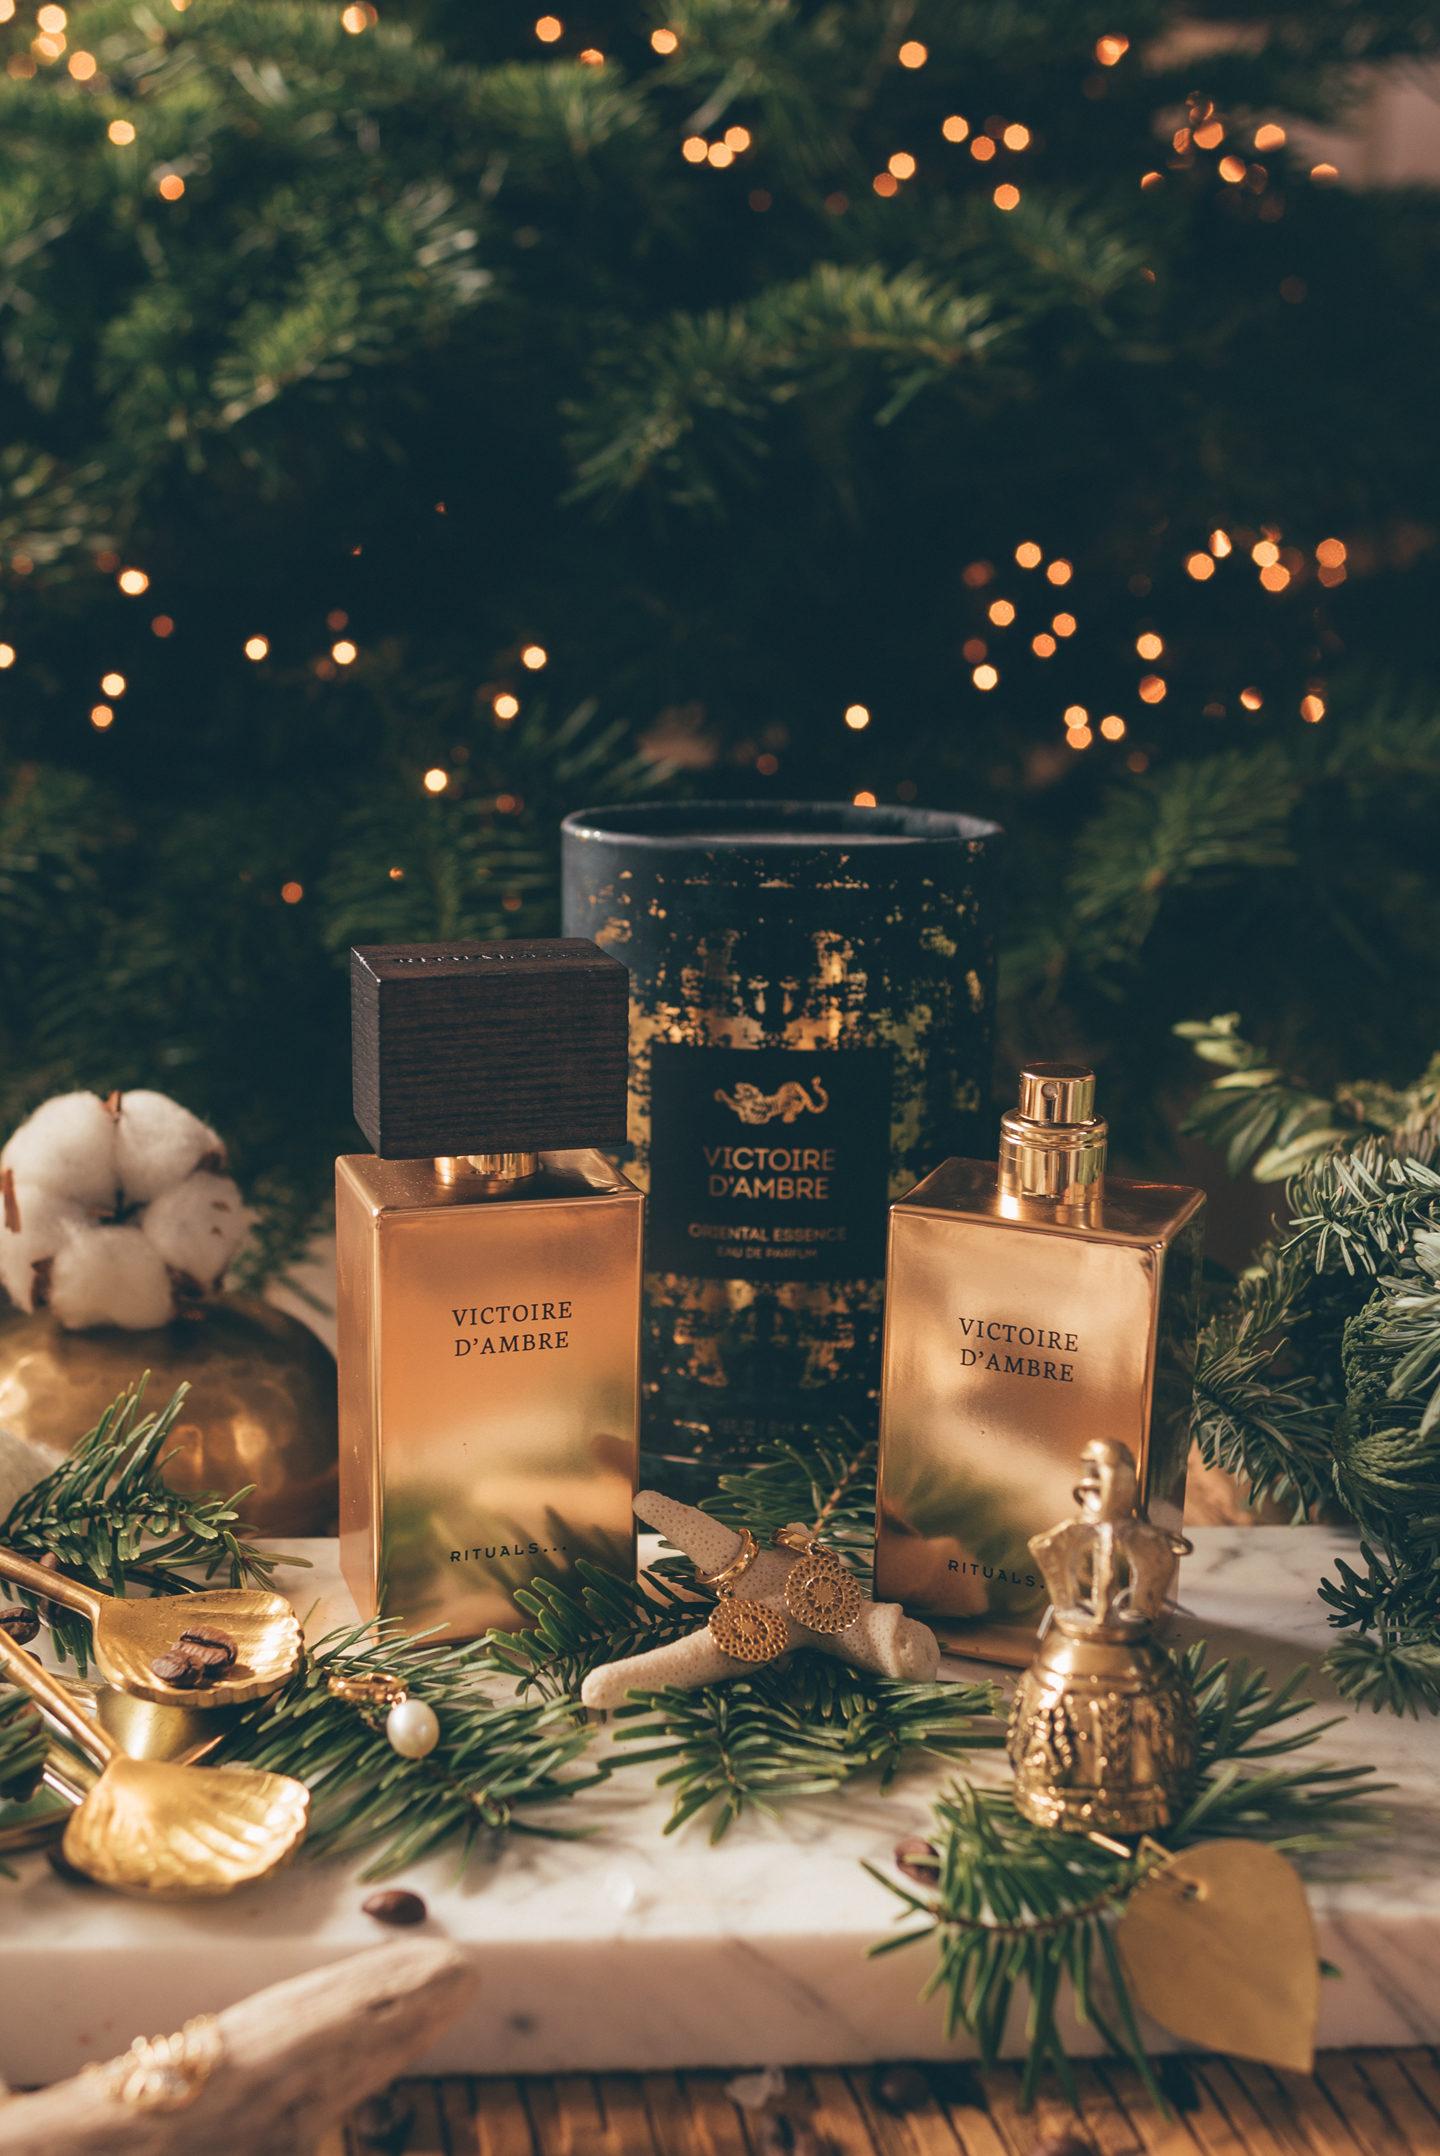 Rituals dierproefvrij parfum Victoire D' Ambre